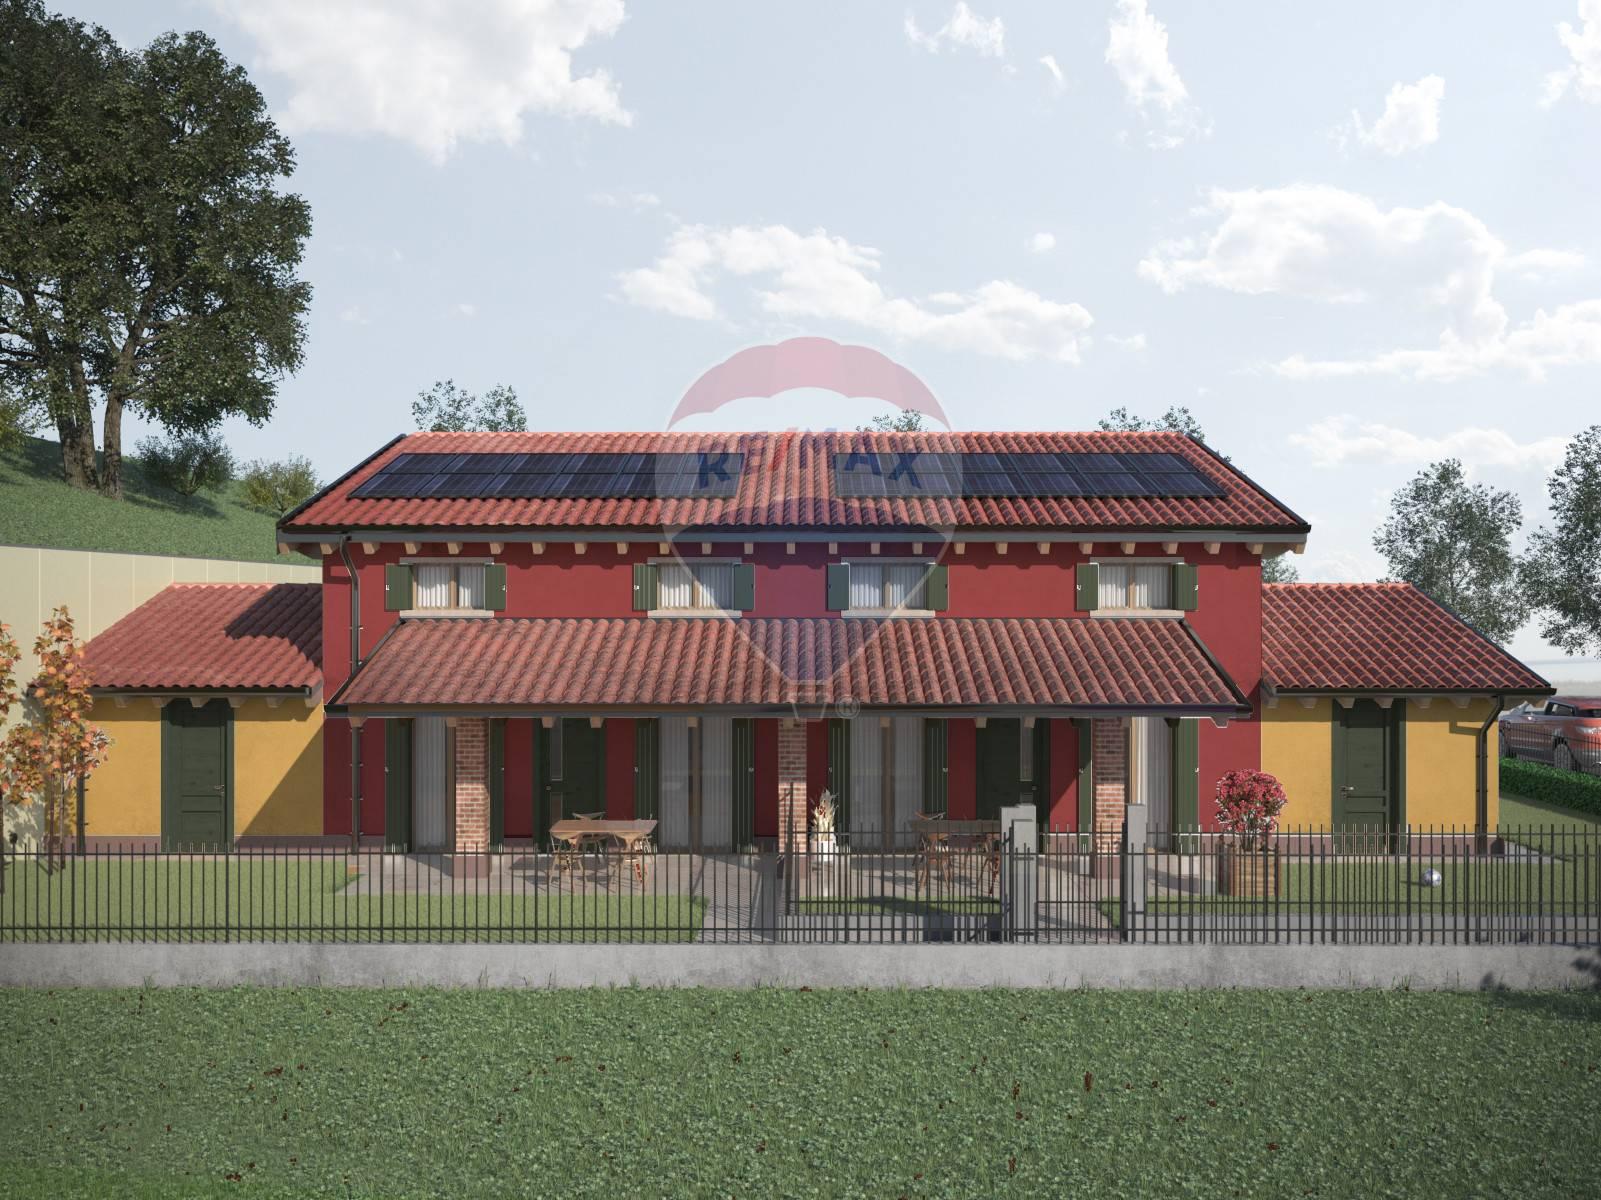 Villa Bifamiliare in vendita a Mezzane di Sotto, 5 locali, prezzo € 315.000 | CambioCasa.it